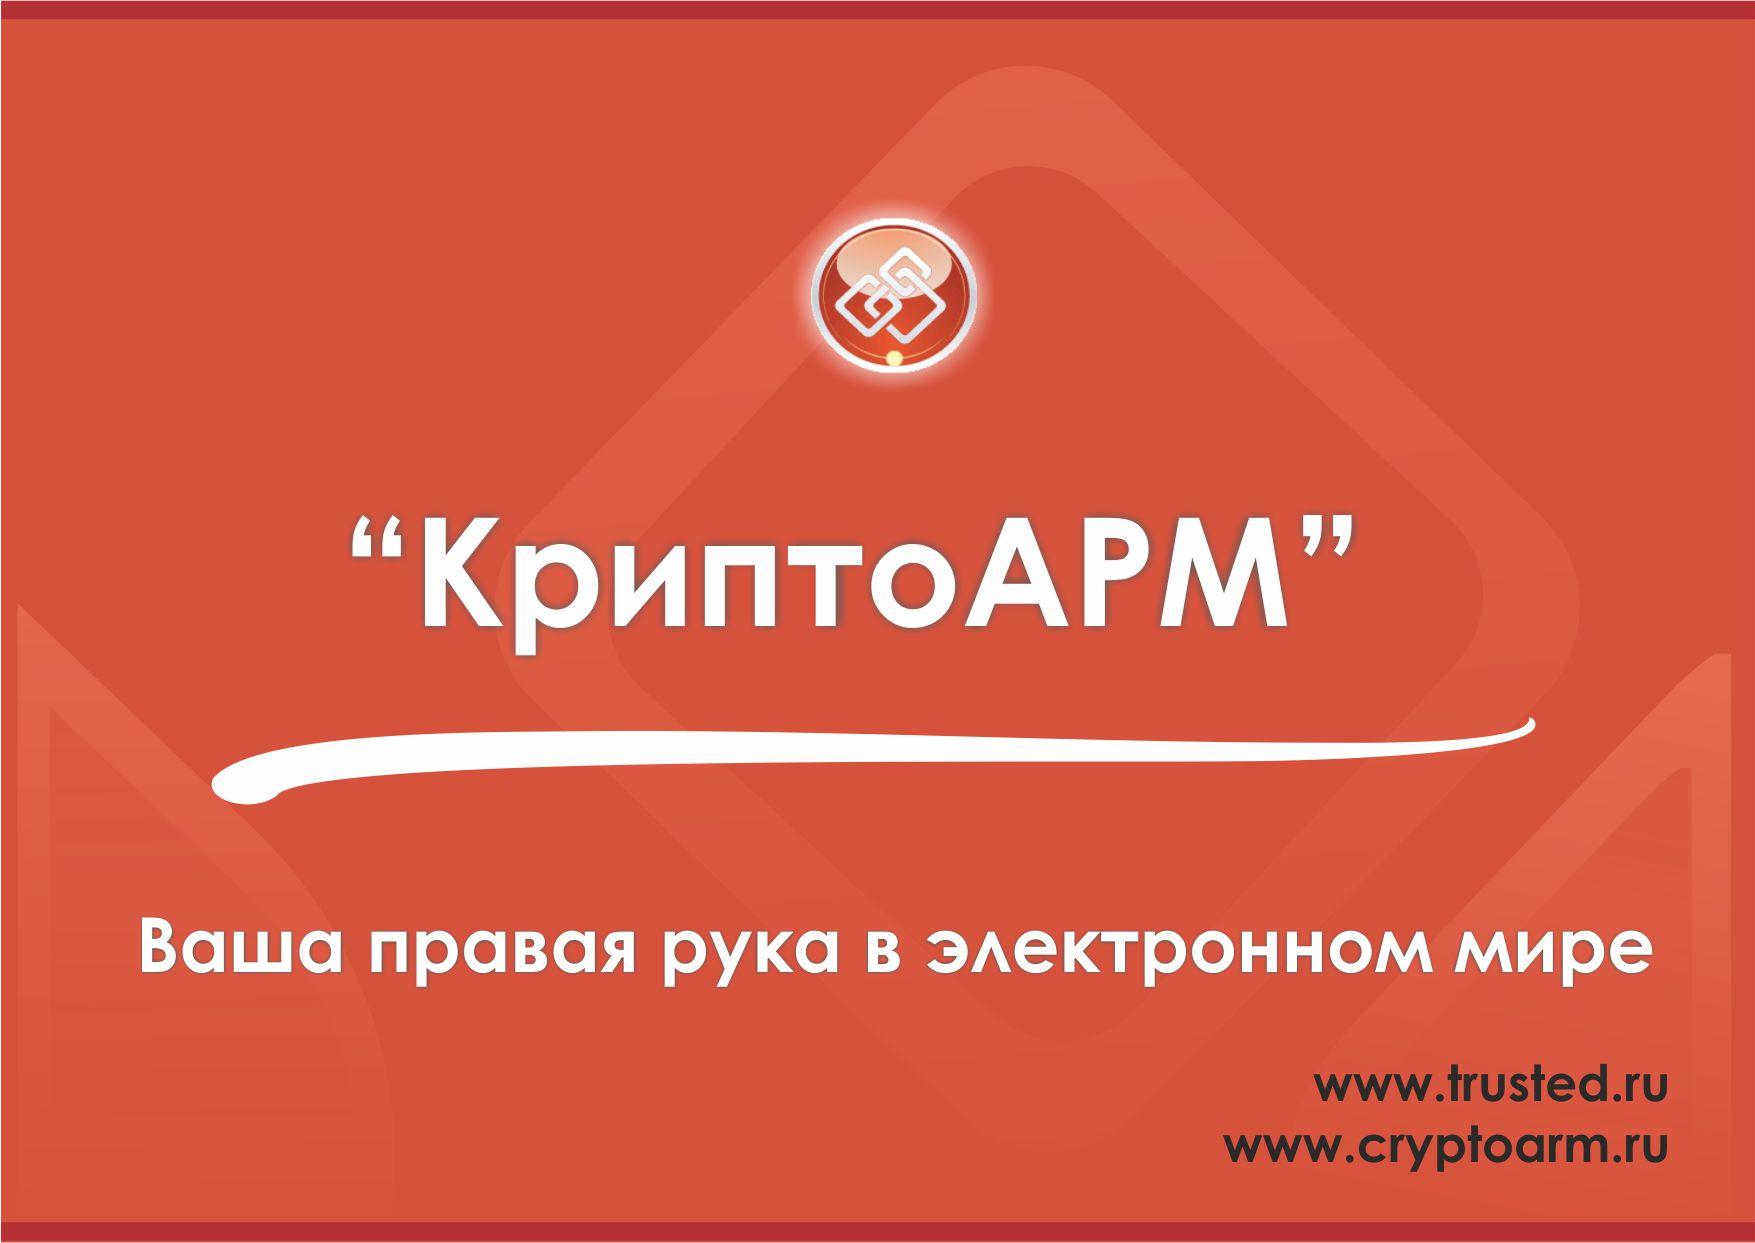 Kratkoe_rukovodstvo_17